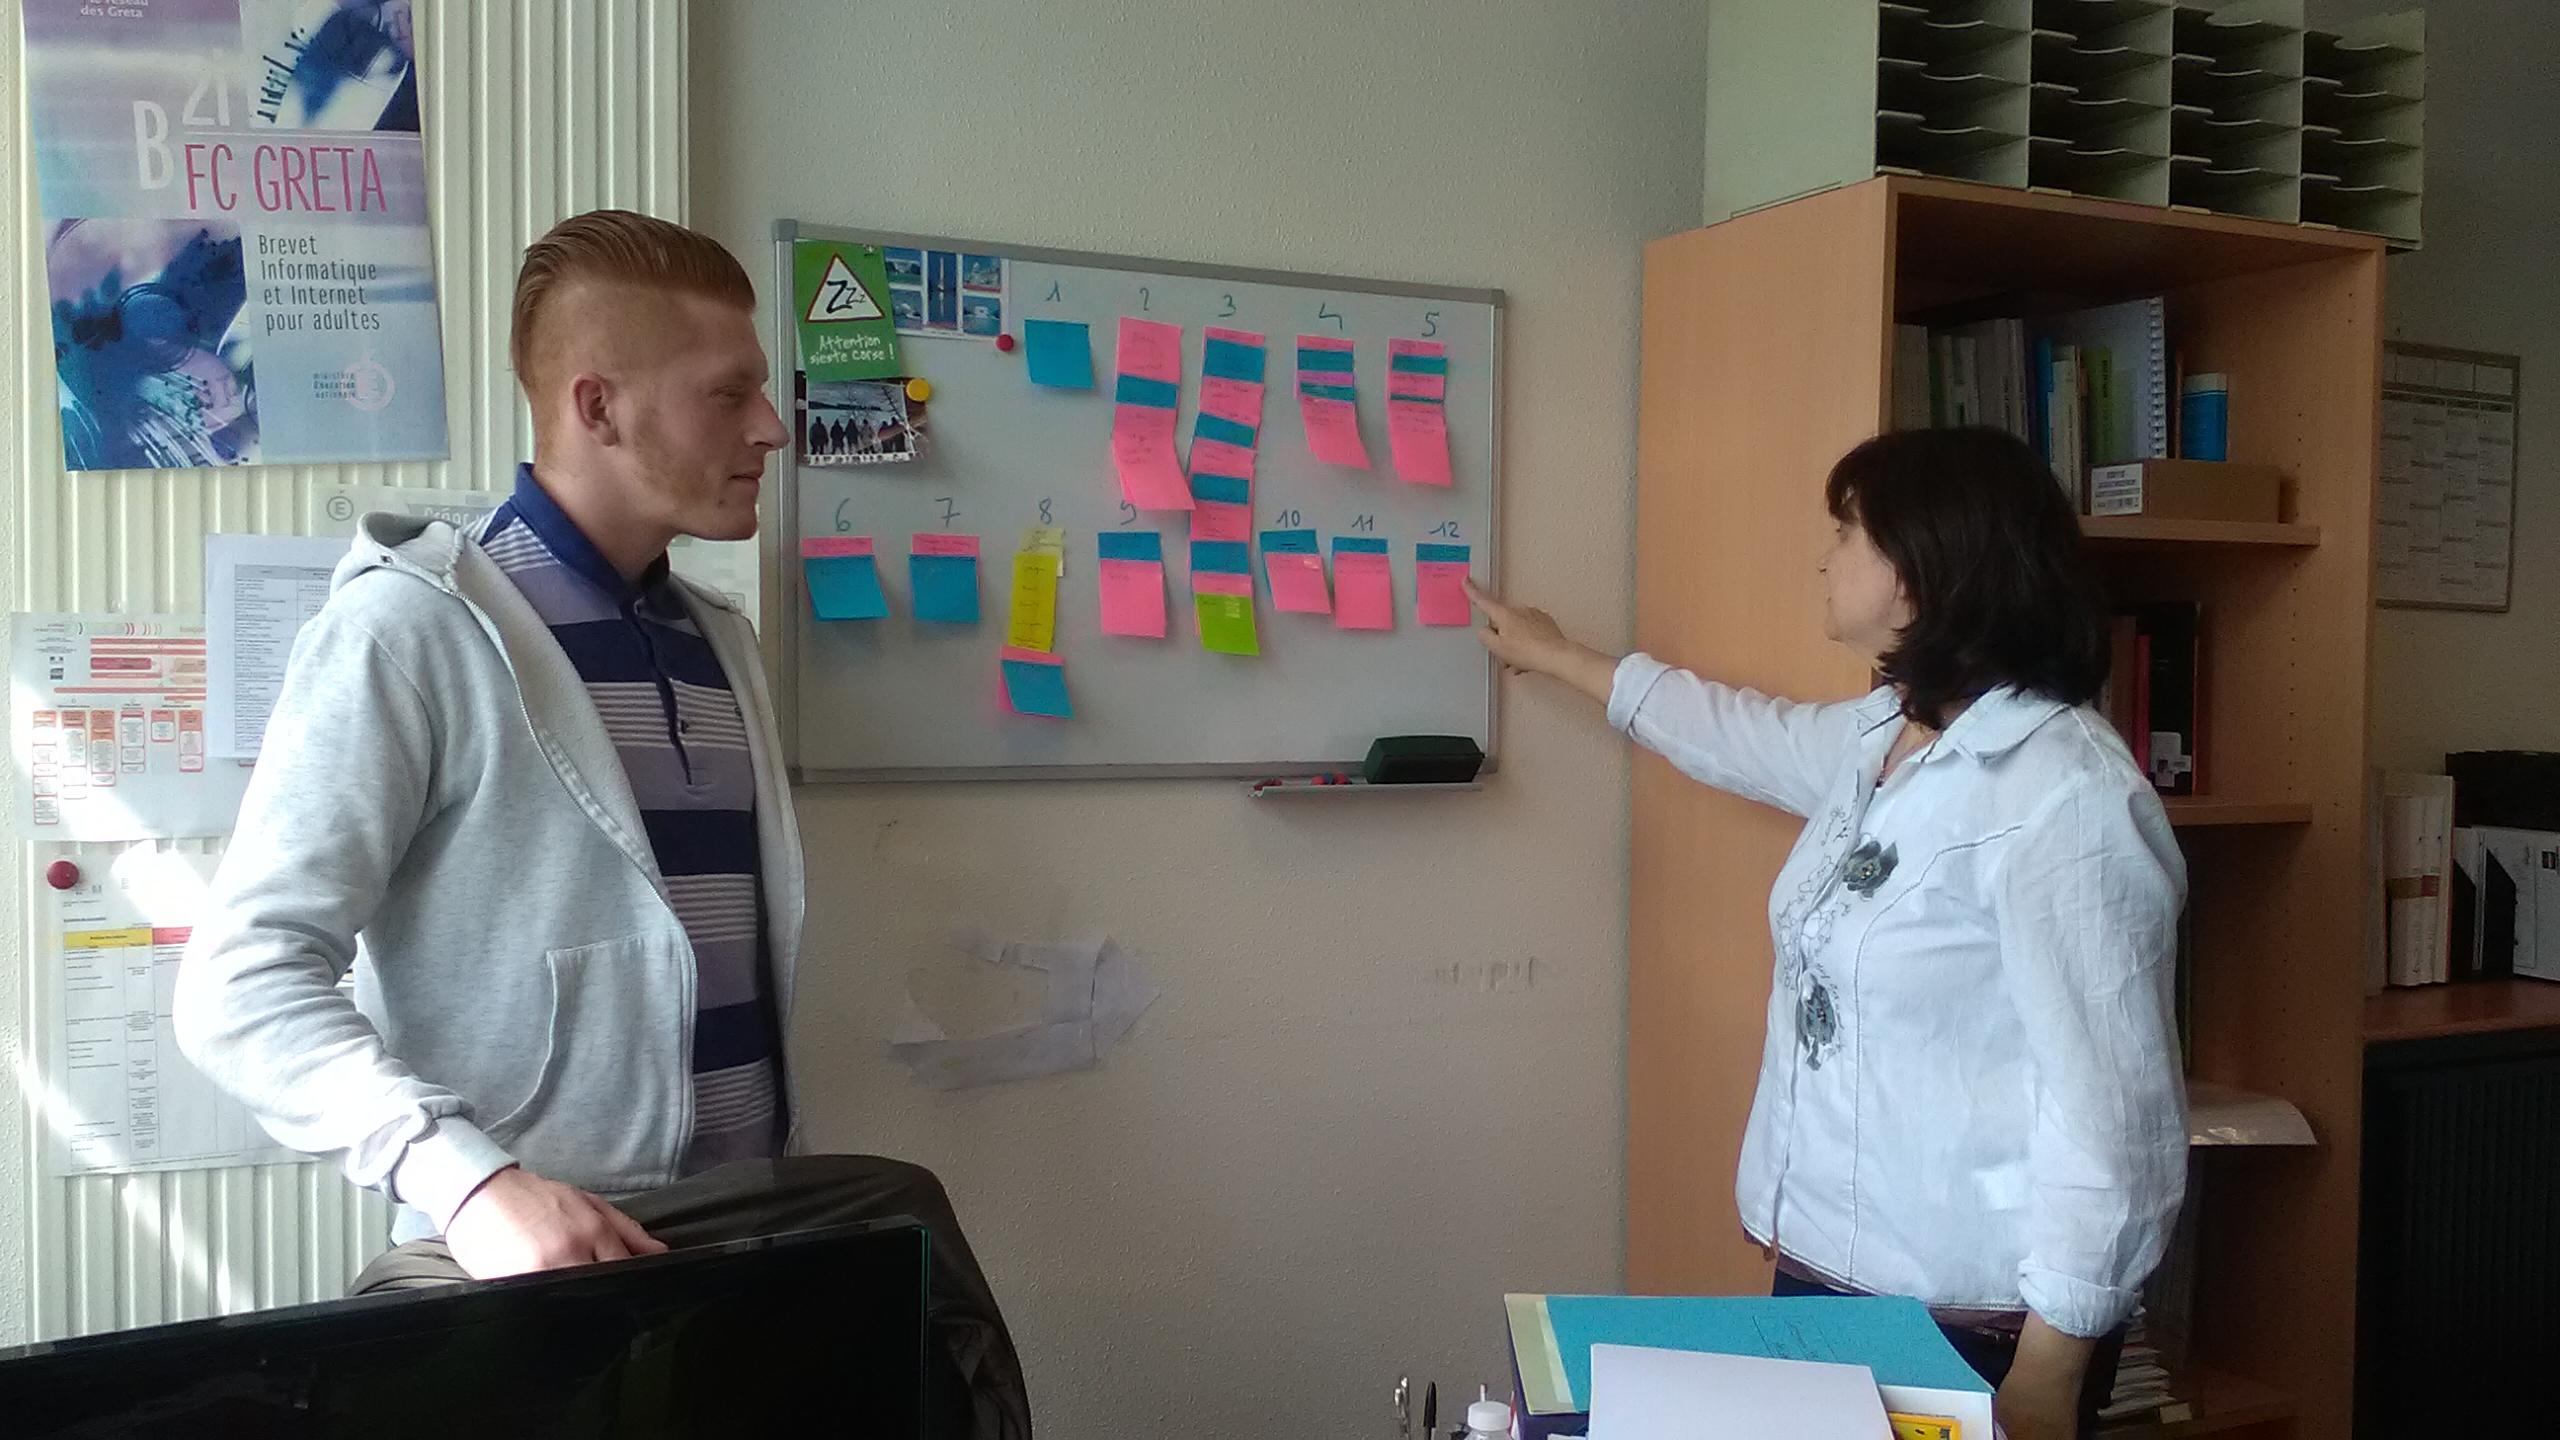 Atelier de design participatif au CAFOC Auvergne